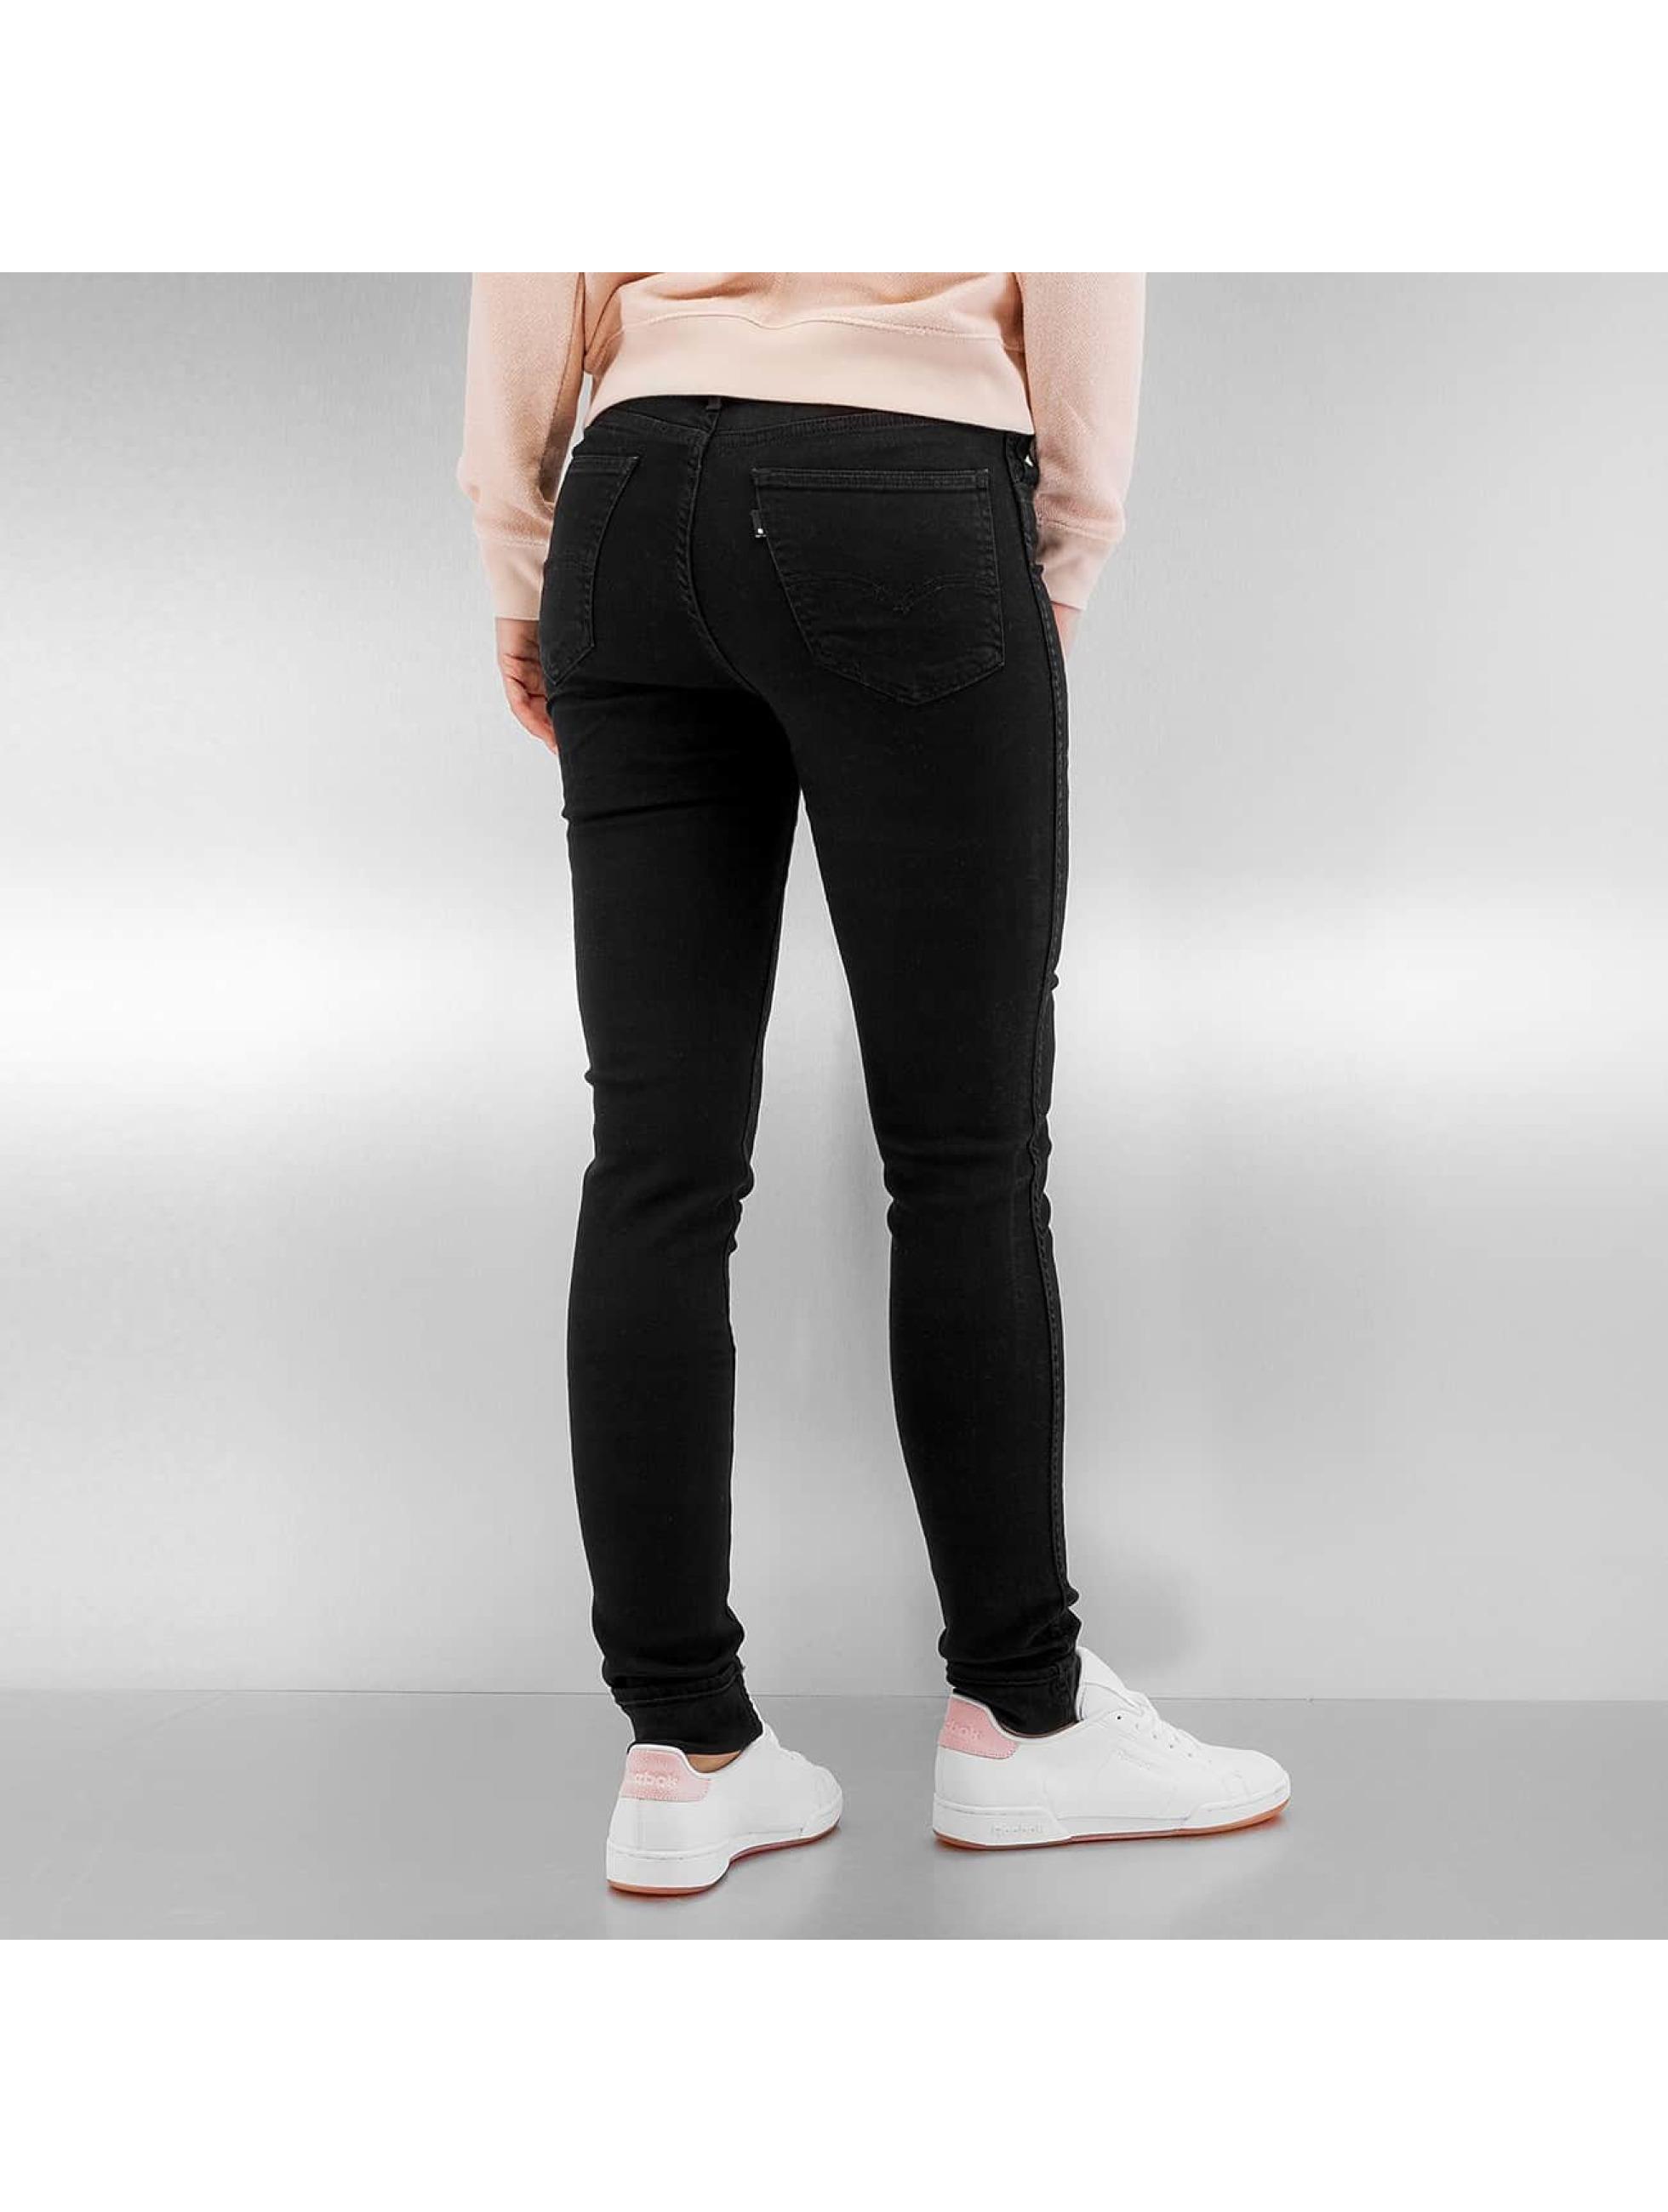 levi 39 s 8 high noir femme jean taille haute levi 39 s. Black Bedroom Furniture Sets. Home Design Ideas